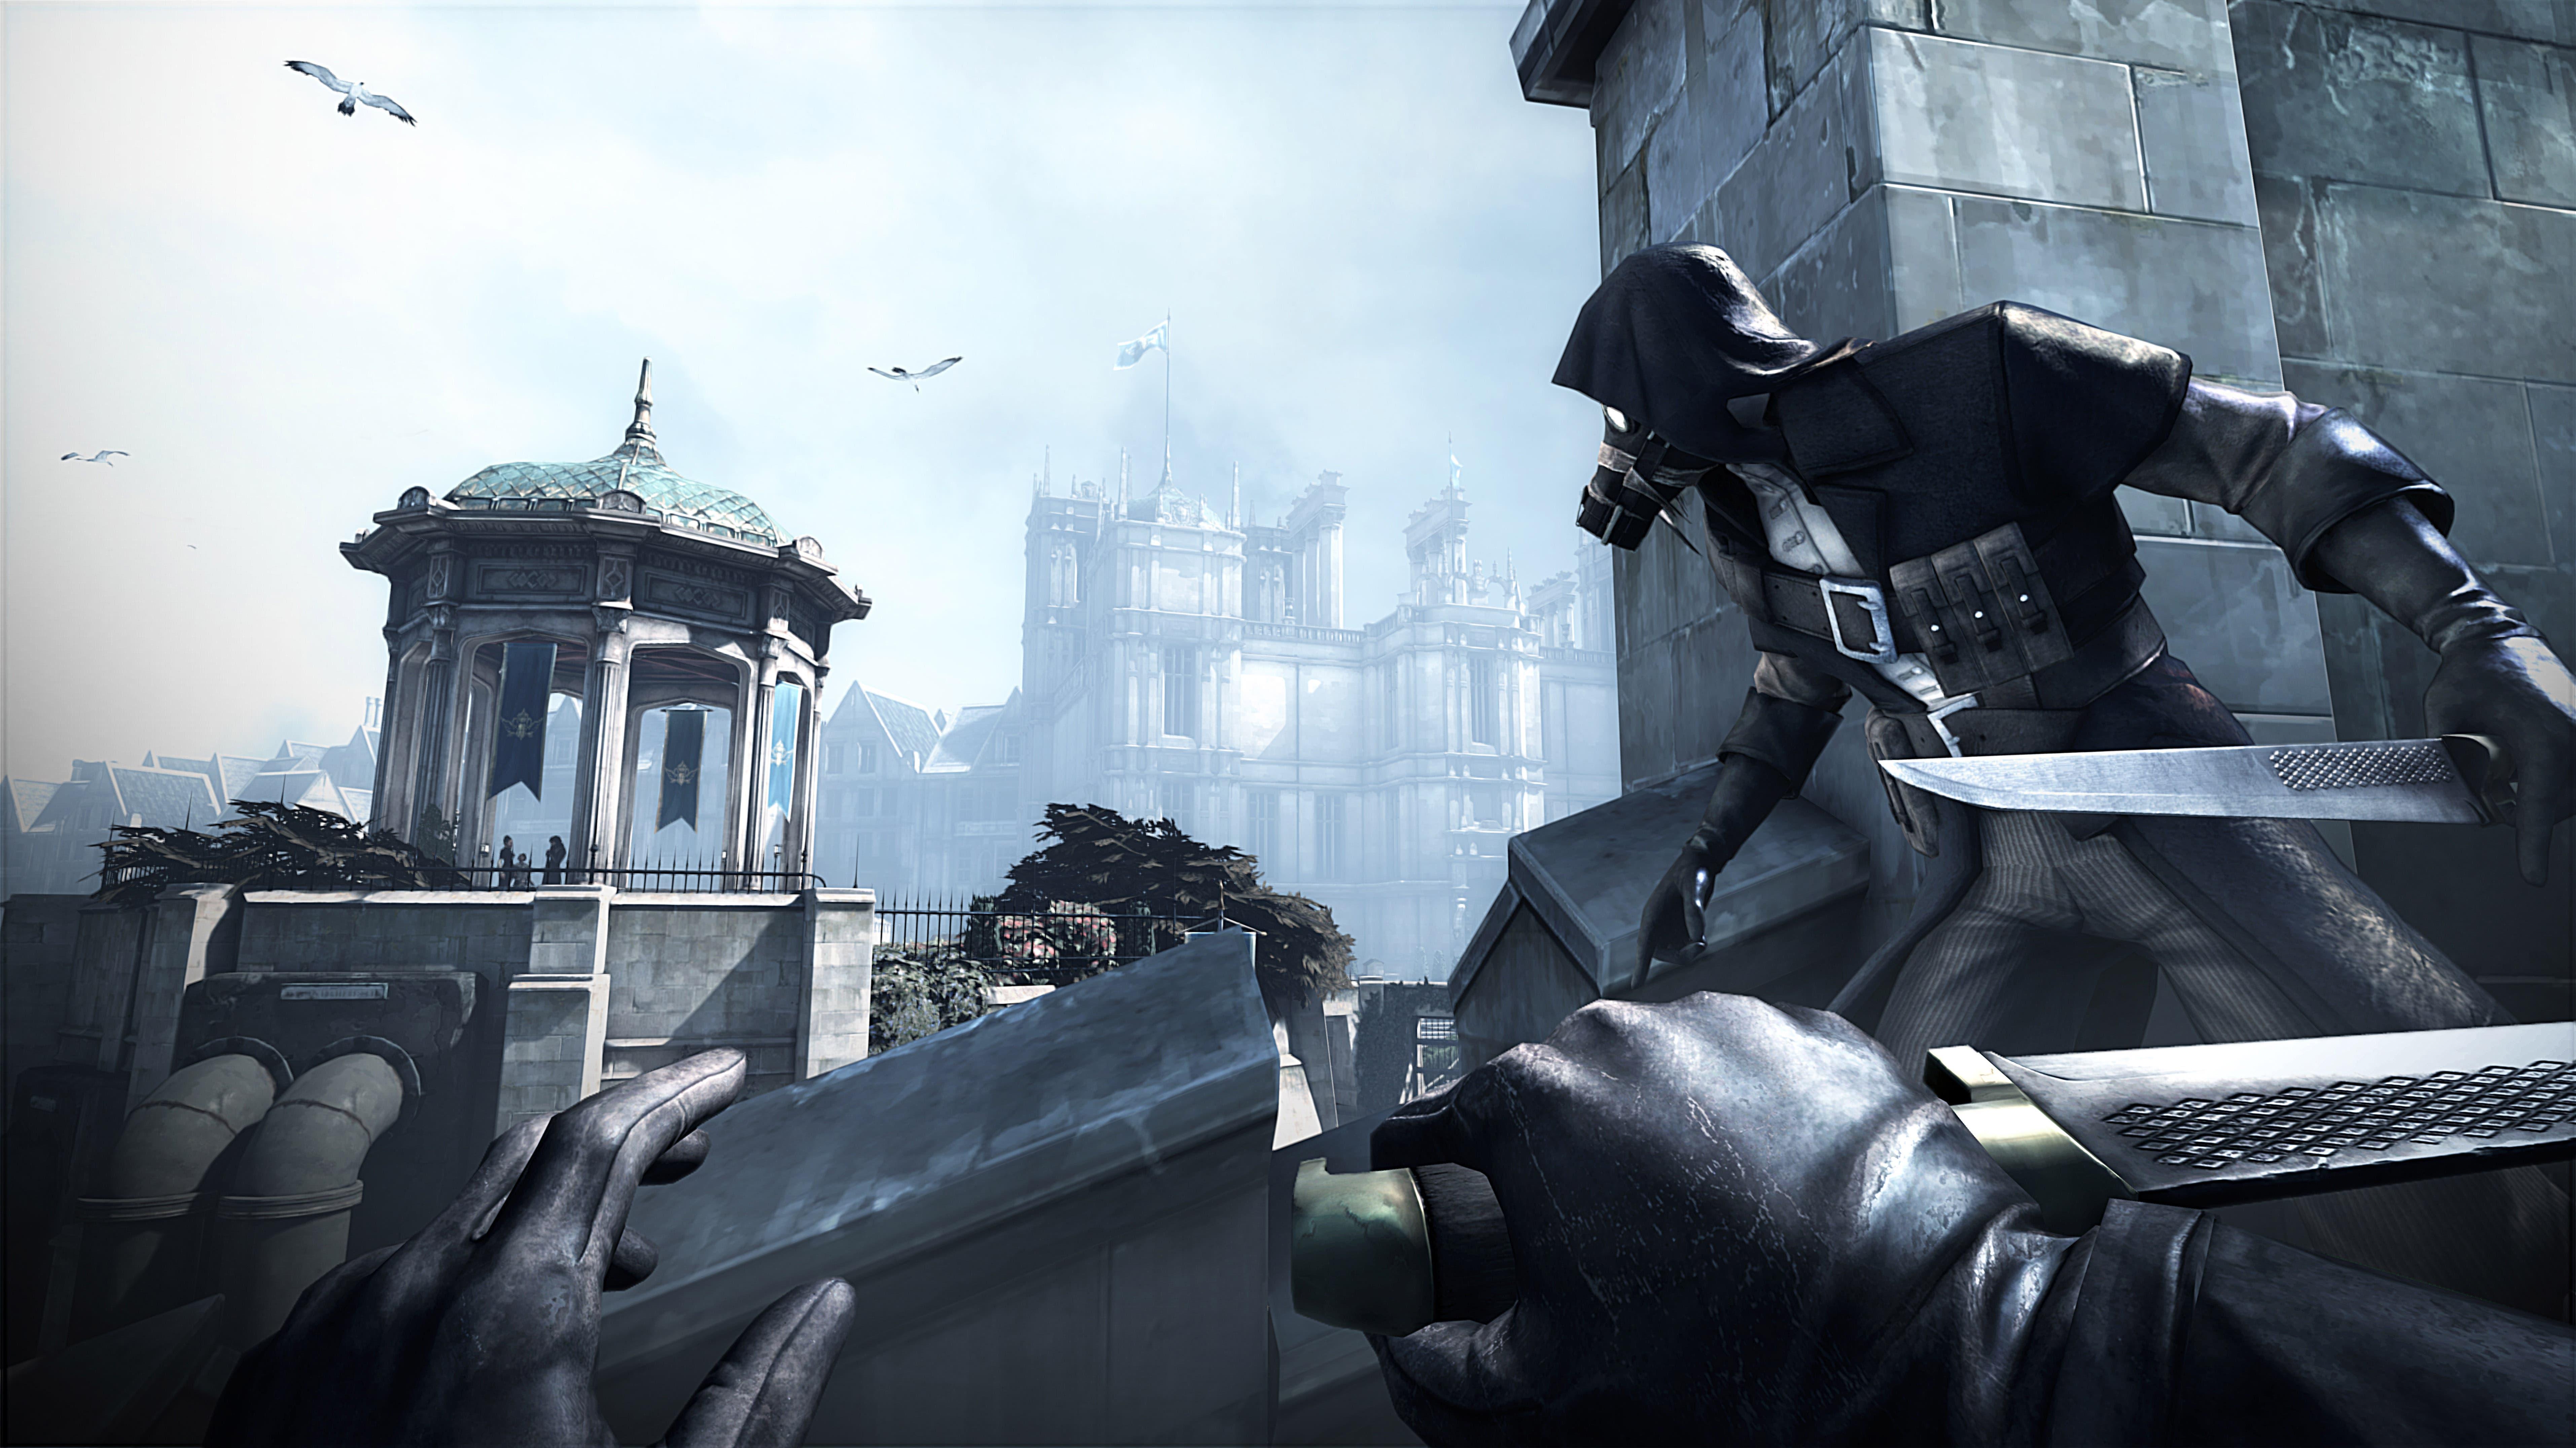 tower assassins